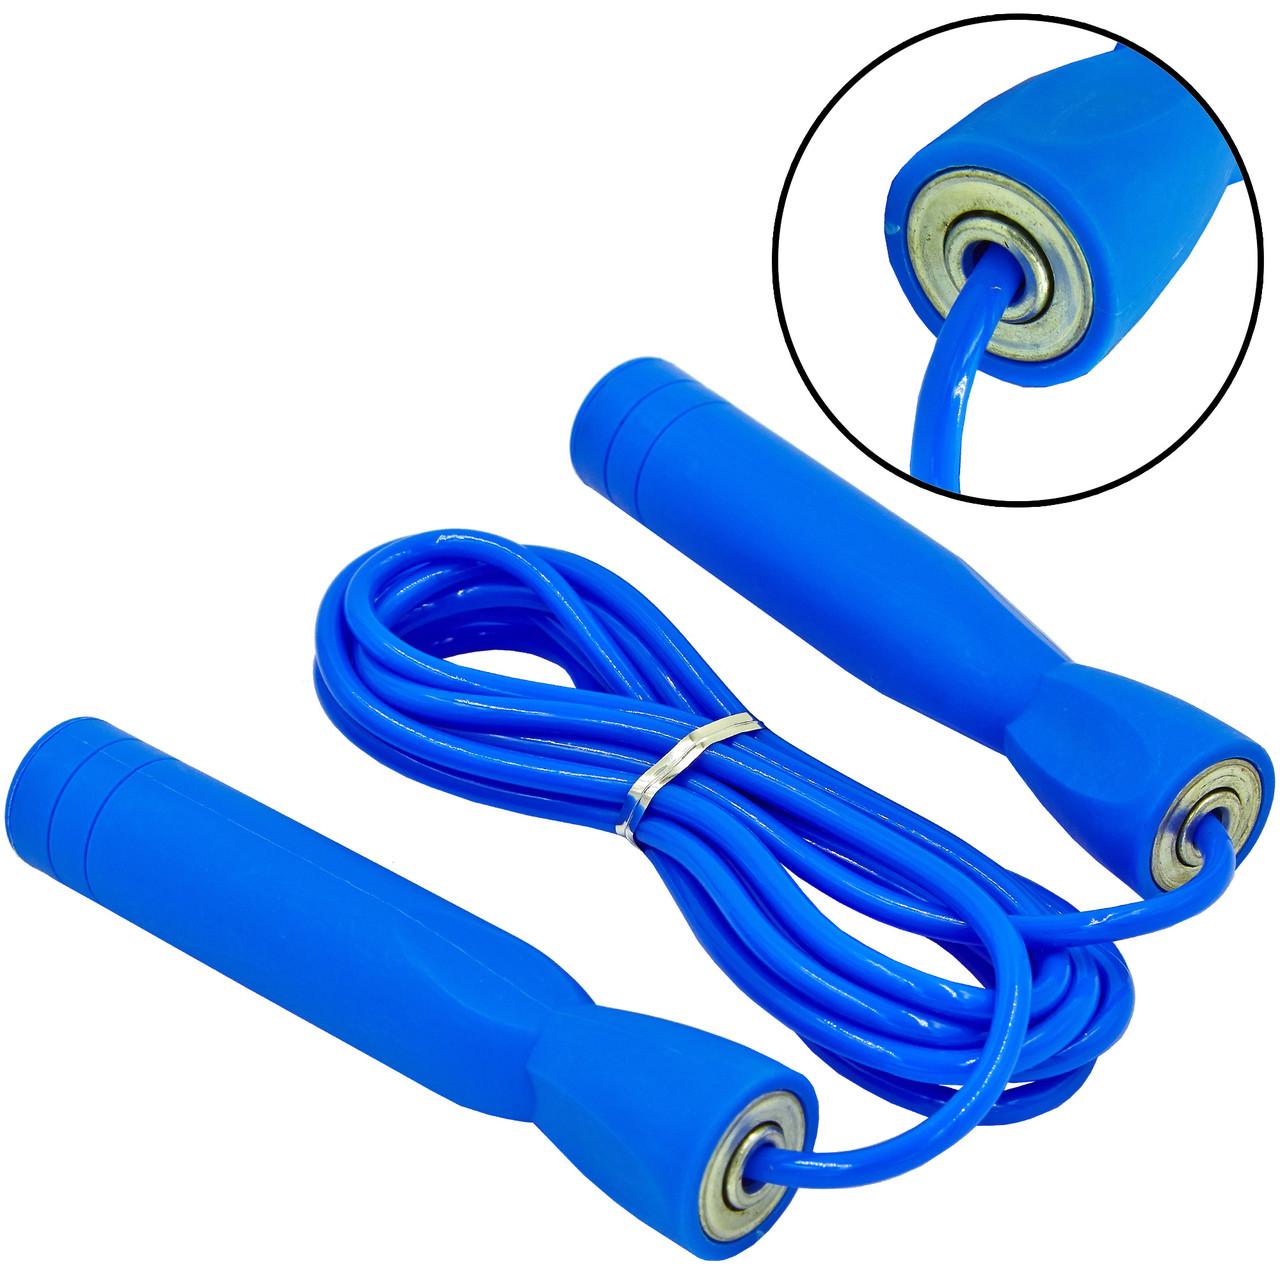 Скакалка скоростная с подшипником и PVC жгутом FI-5102-1 (l-2,6м, d-5мм)